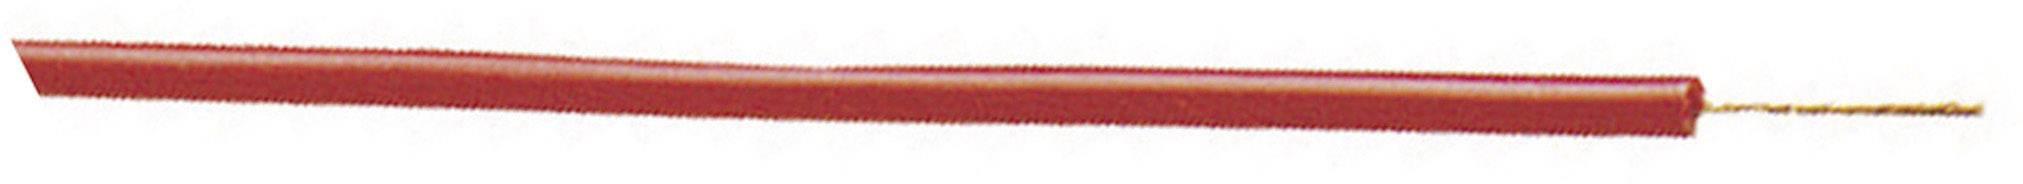 Opletenie / lanko Stäubli 61.7550-10024 SILI-E, 1 x 0.15 mm², vonkajší Ø 1 mm, metrový tovar, žltá